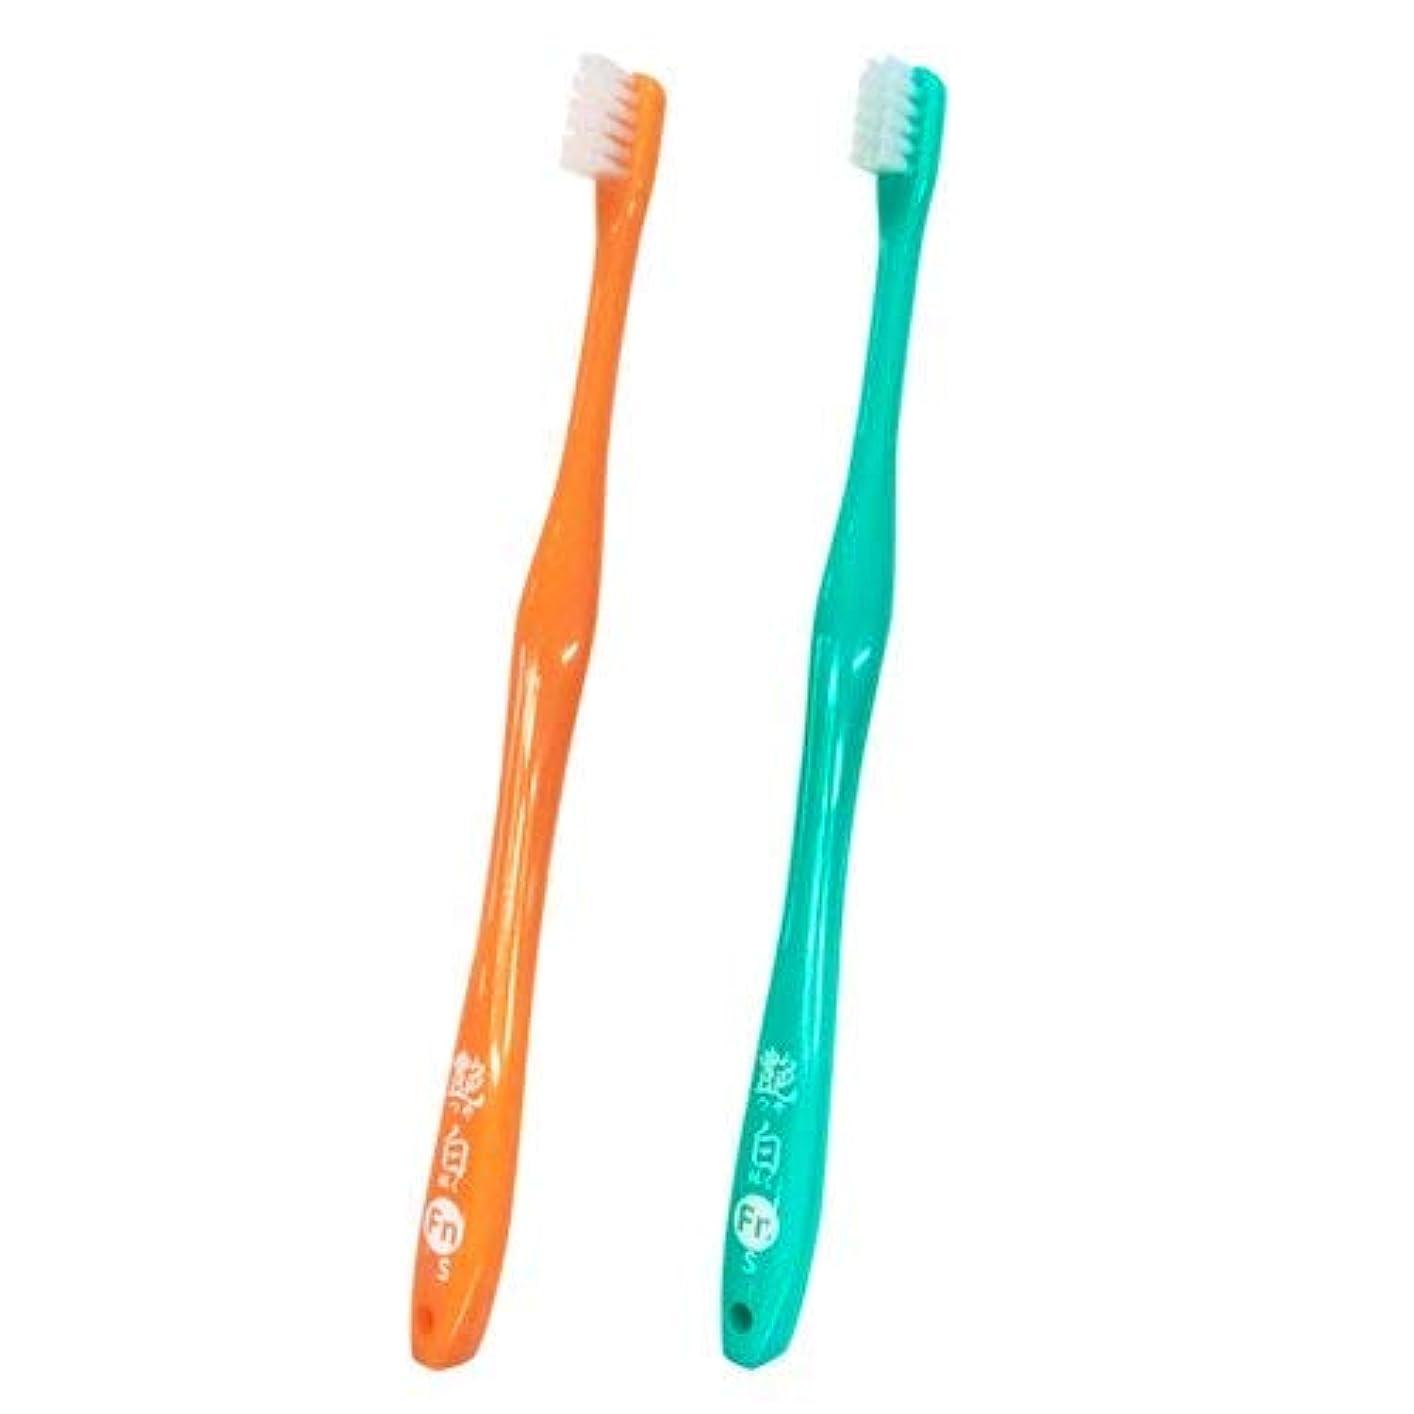 ボールくま底艶白(つやはく) Fn フィニッシュ 仕上げ用 歯ブラシ×10本(S)【日本製】